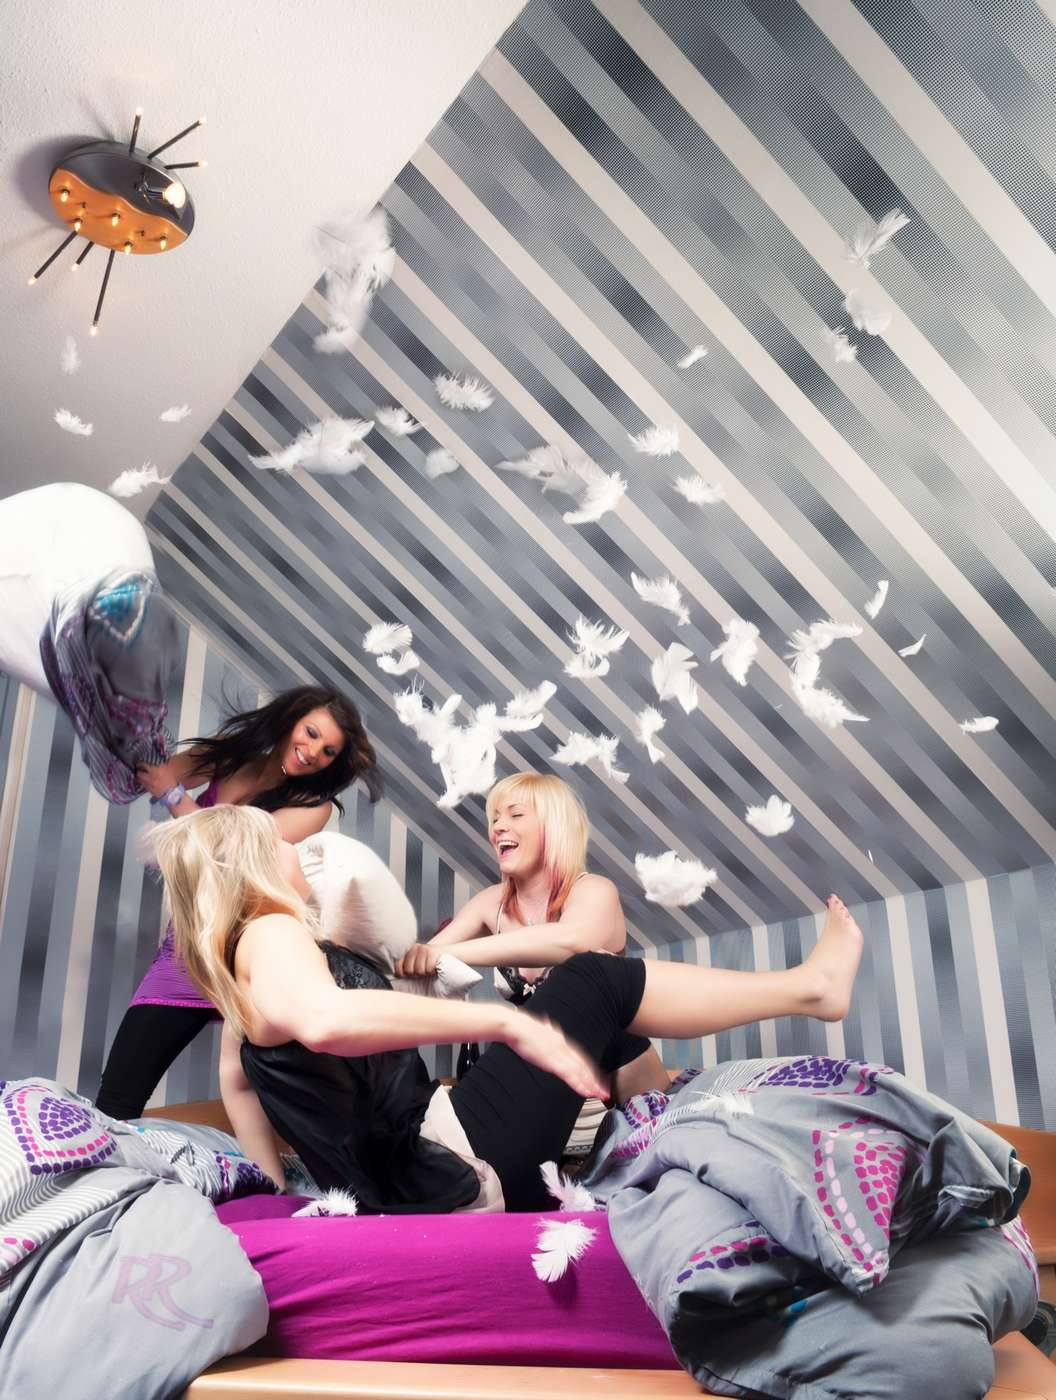 #8 Freundeshooting Zuhause Bett